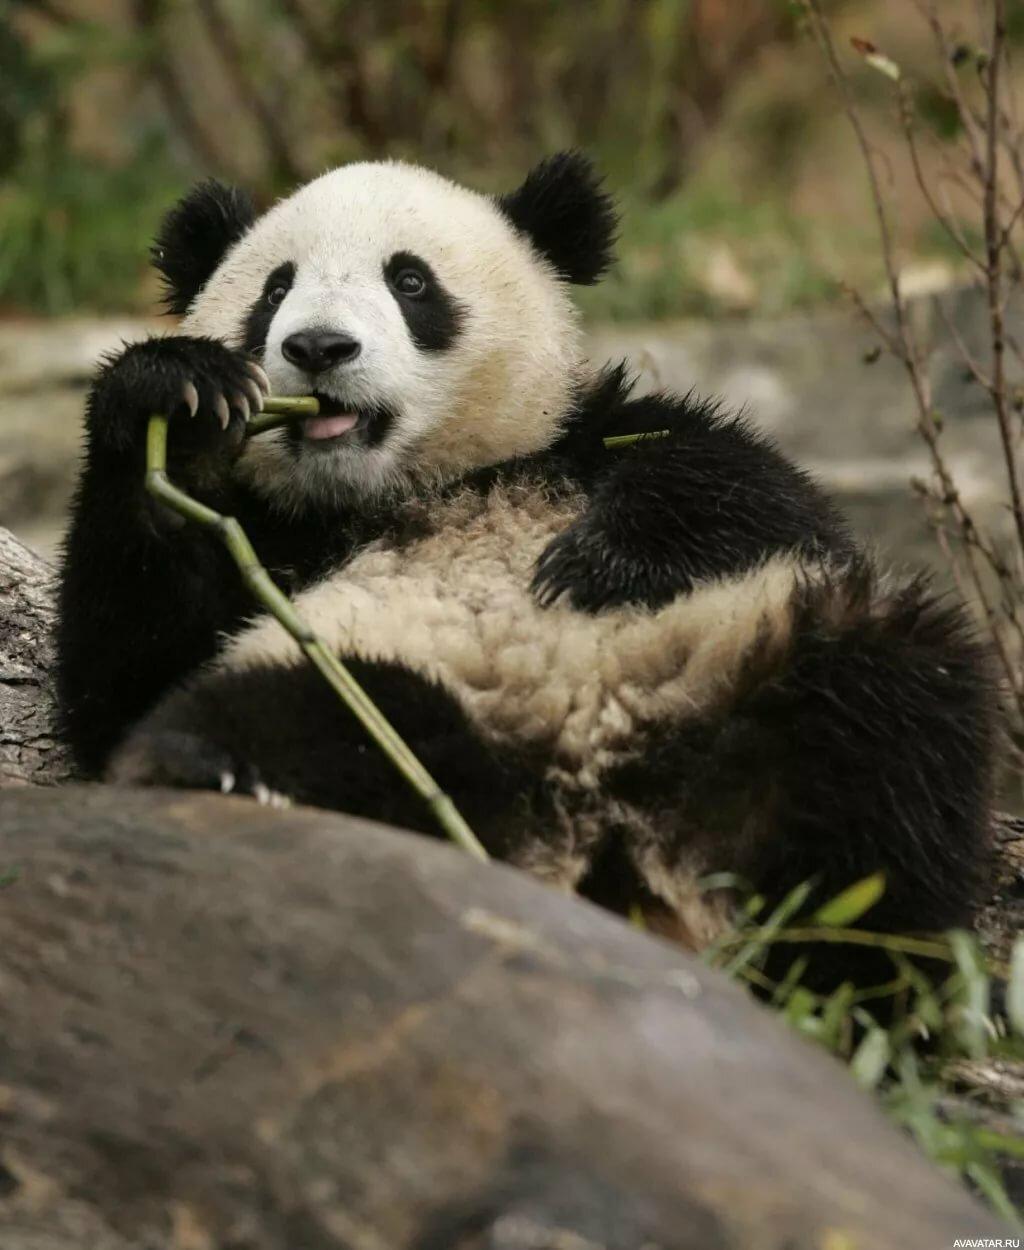 картинка панду андарз